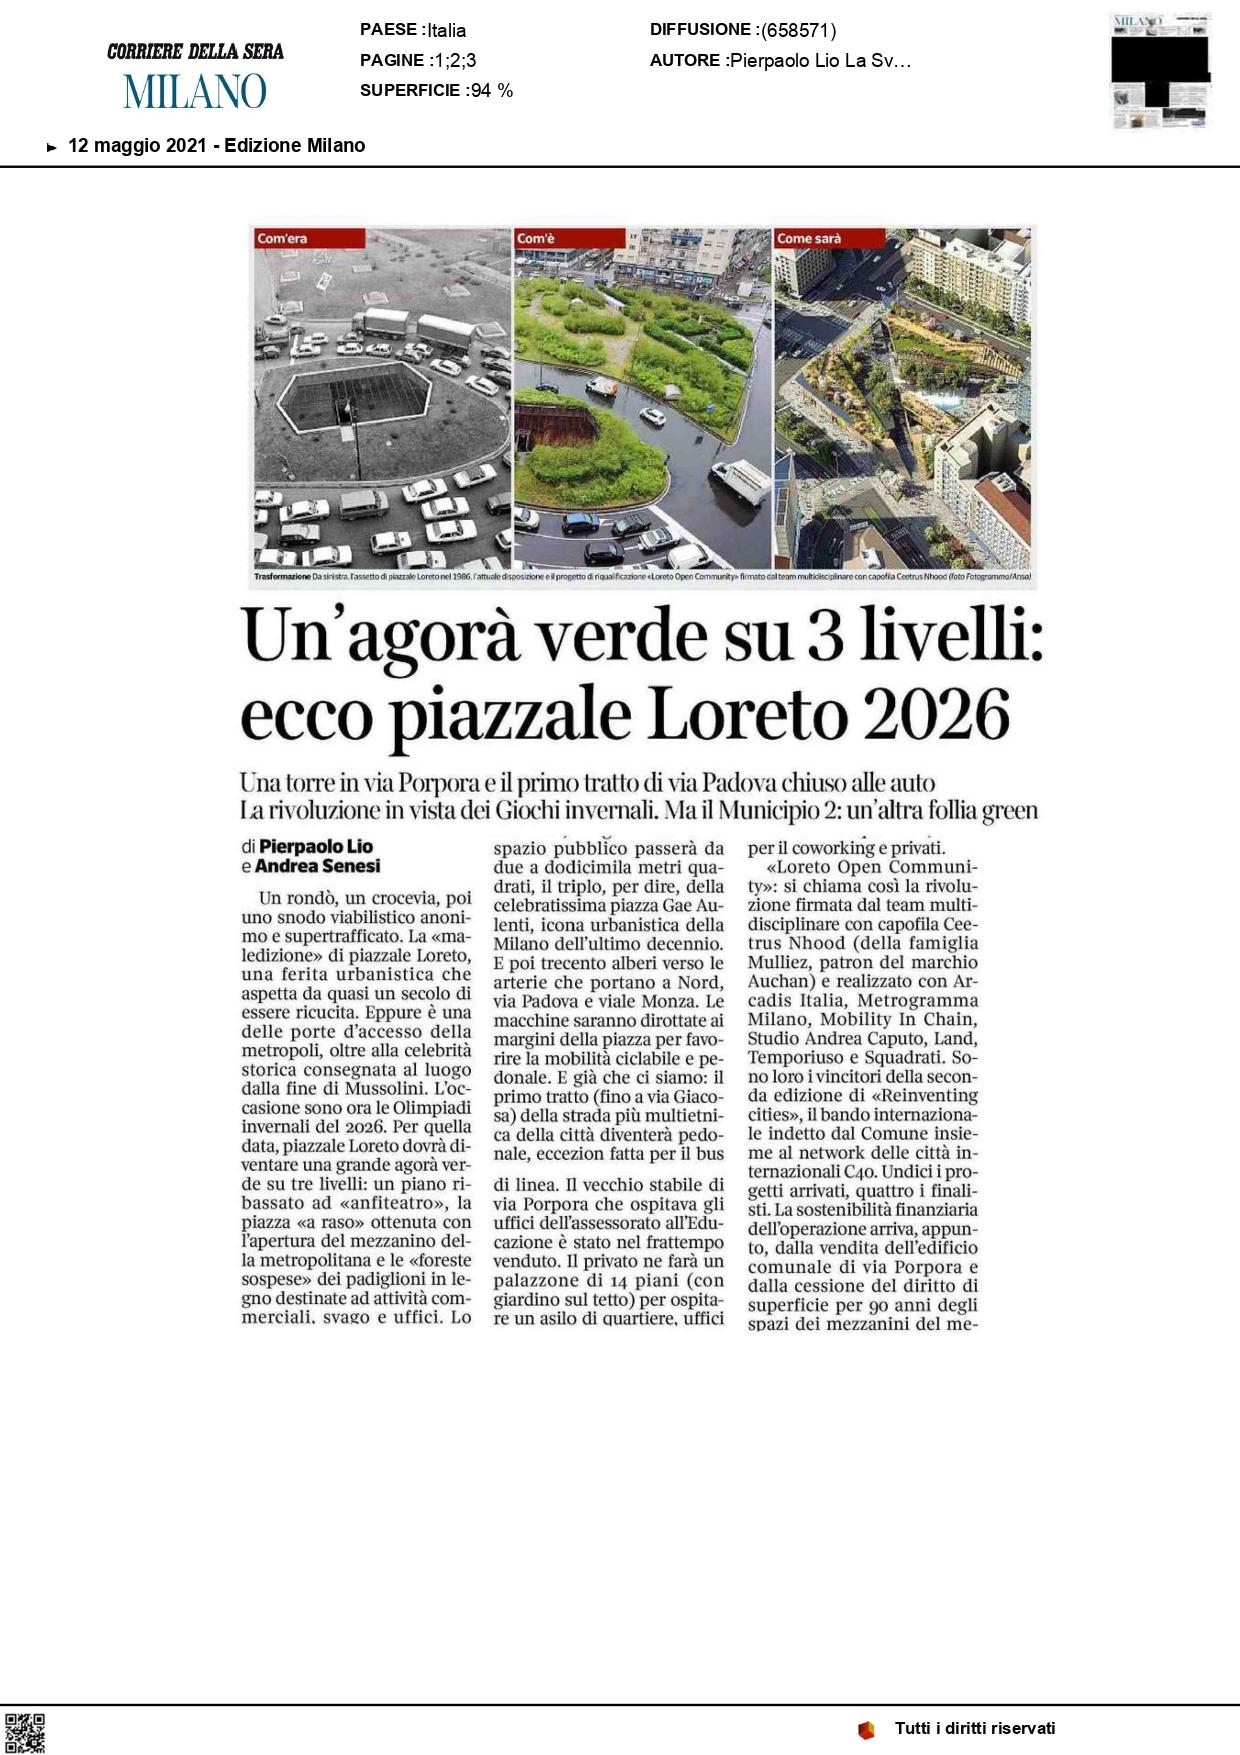 Corriere_della_Sera_Milano_12 maggio 2021-1-4-2_pages-to-jpg-0001